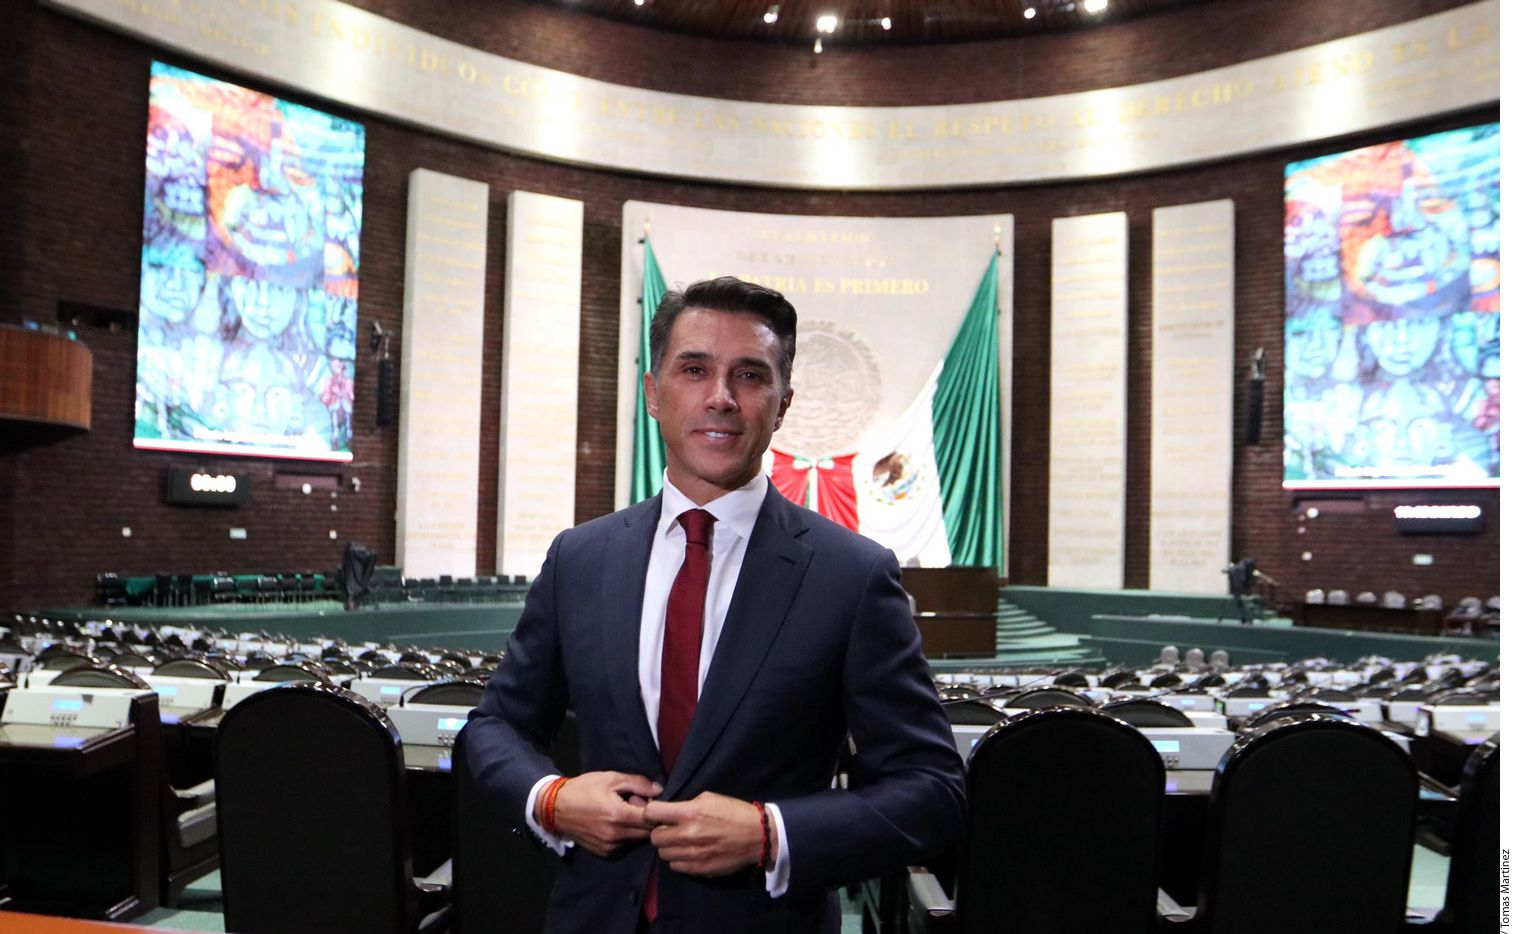 Por medio de un comunicado conjunto, Morena y el PES informaron por la noche del trueque de comisiones, con base en el acuerdo de alianza legislativa que firmaron junto con el PT. ./ AGENCIA REFORMA